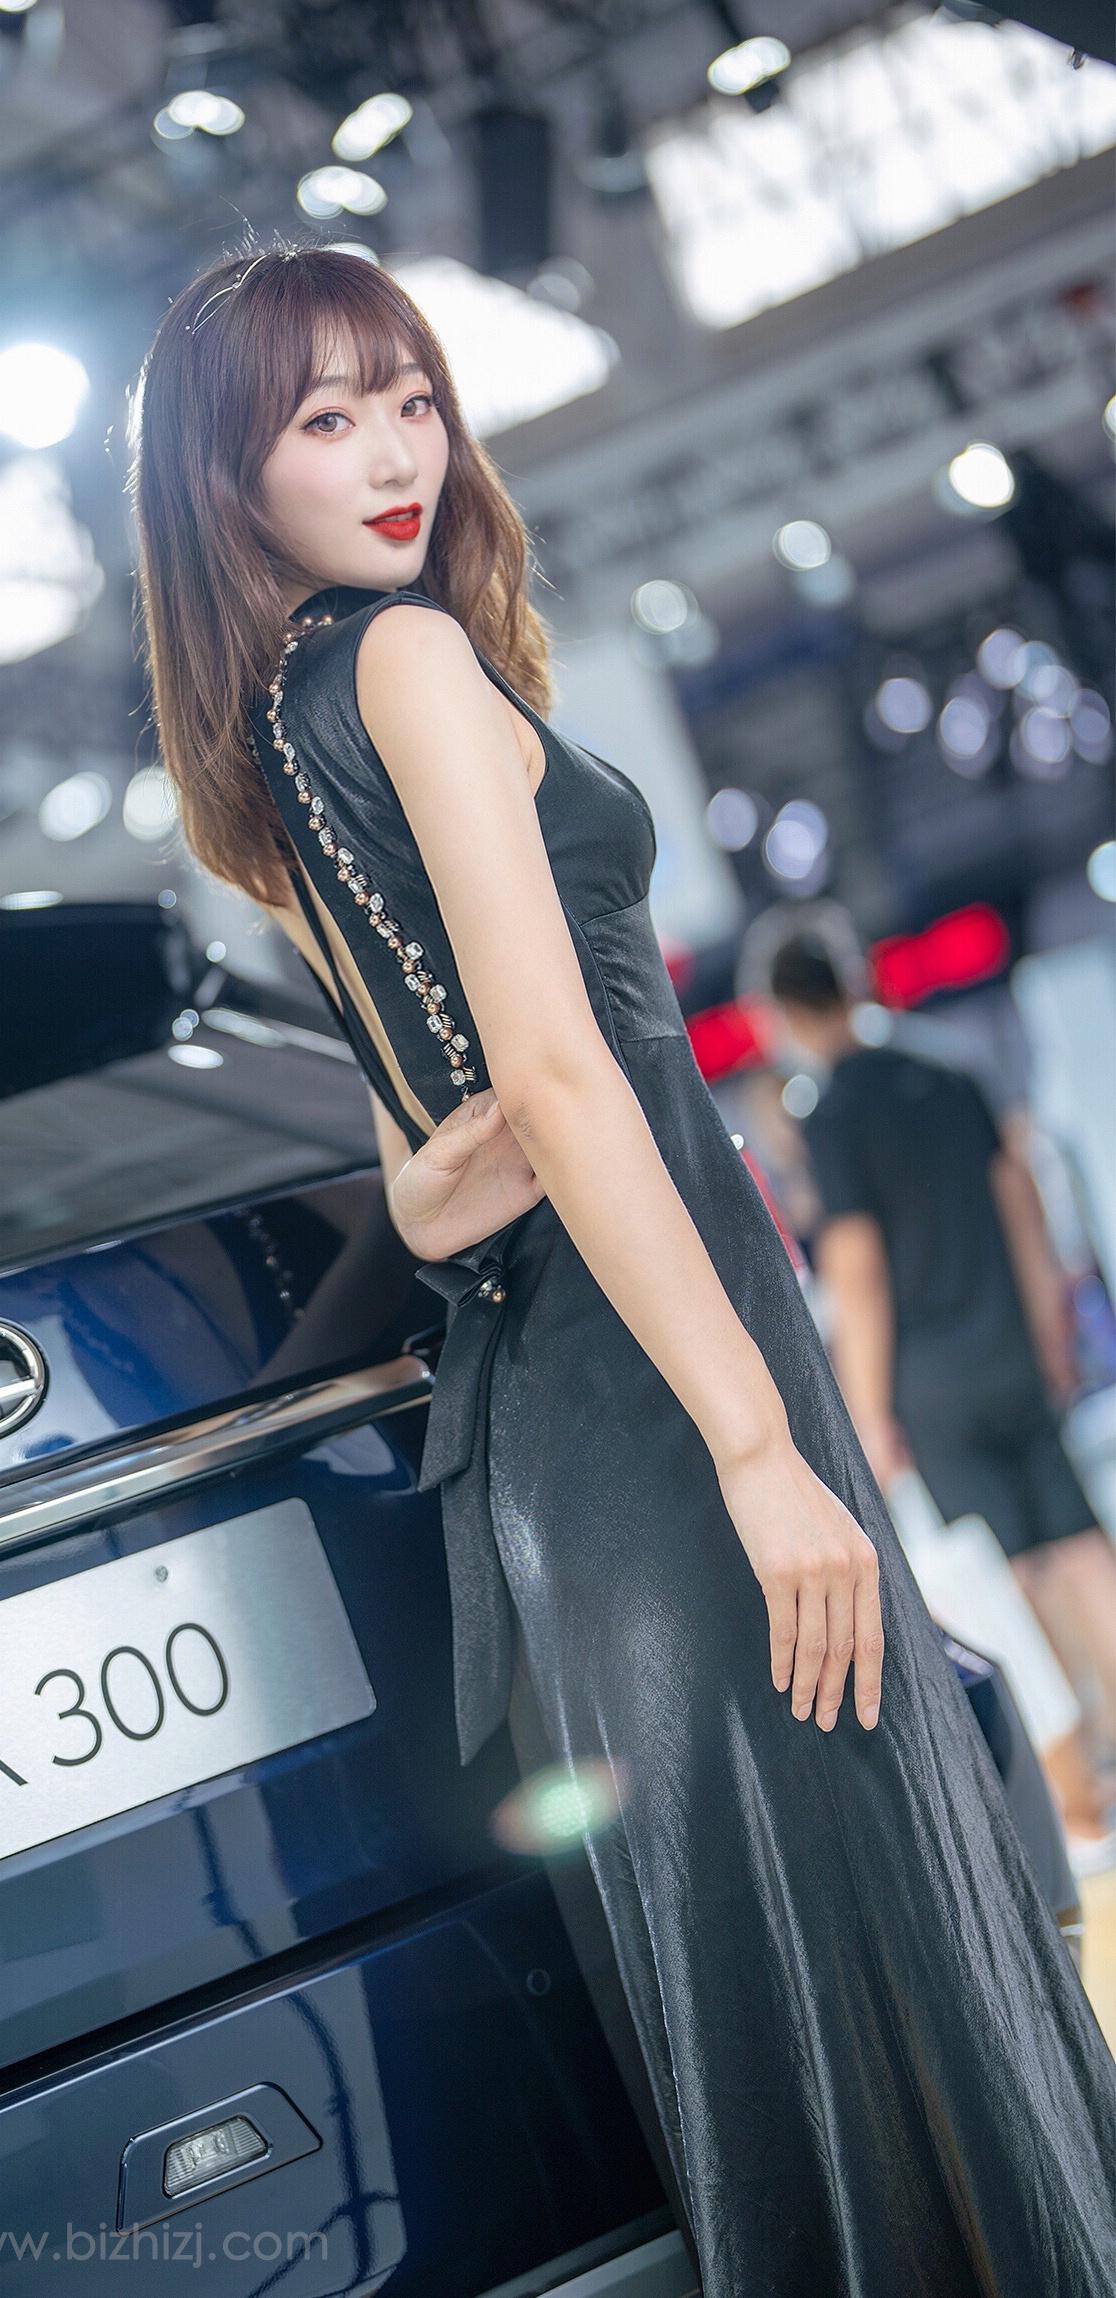 适合女生的桌面壁纸高冷长黑裙车模美女